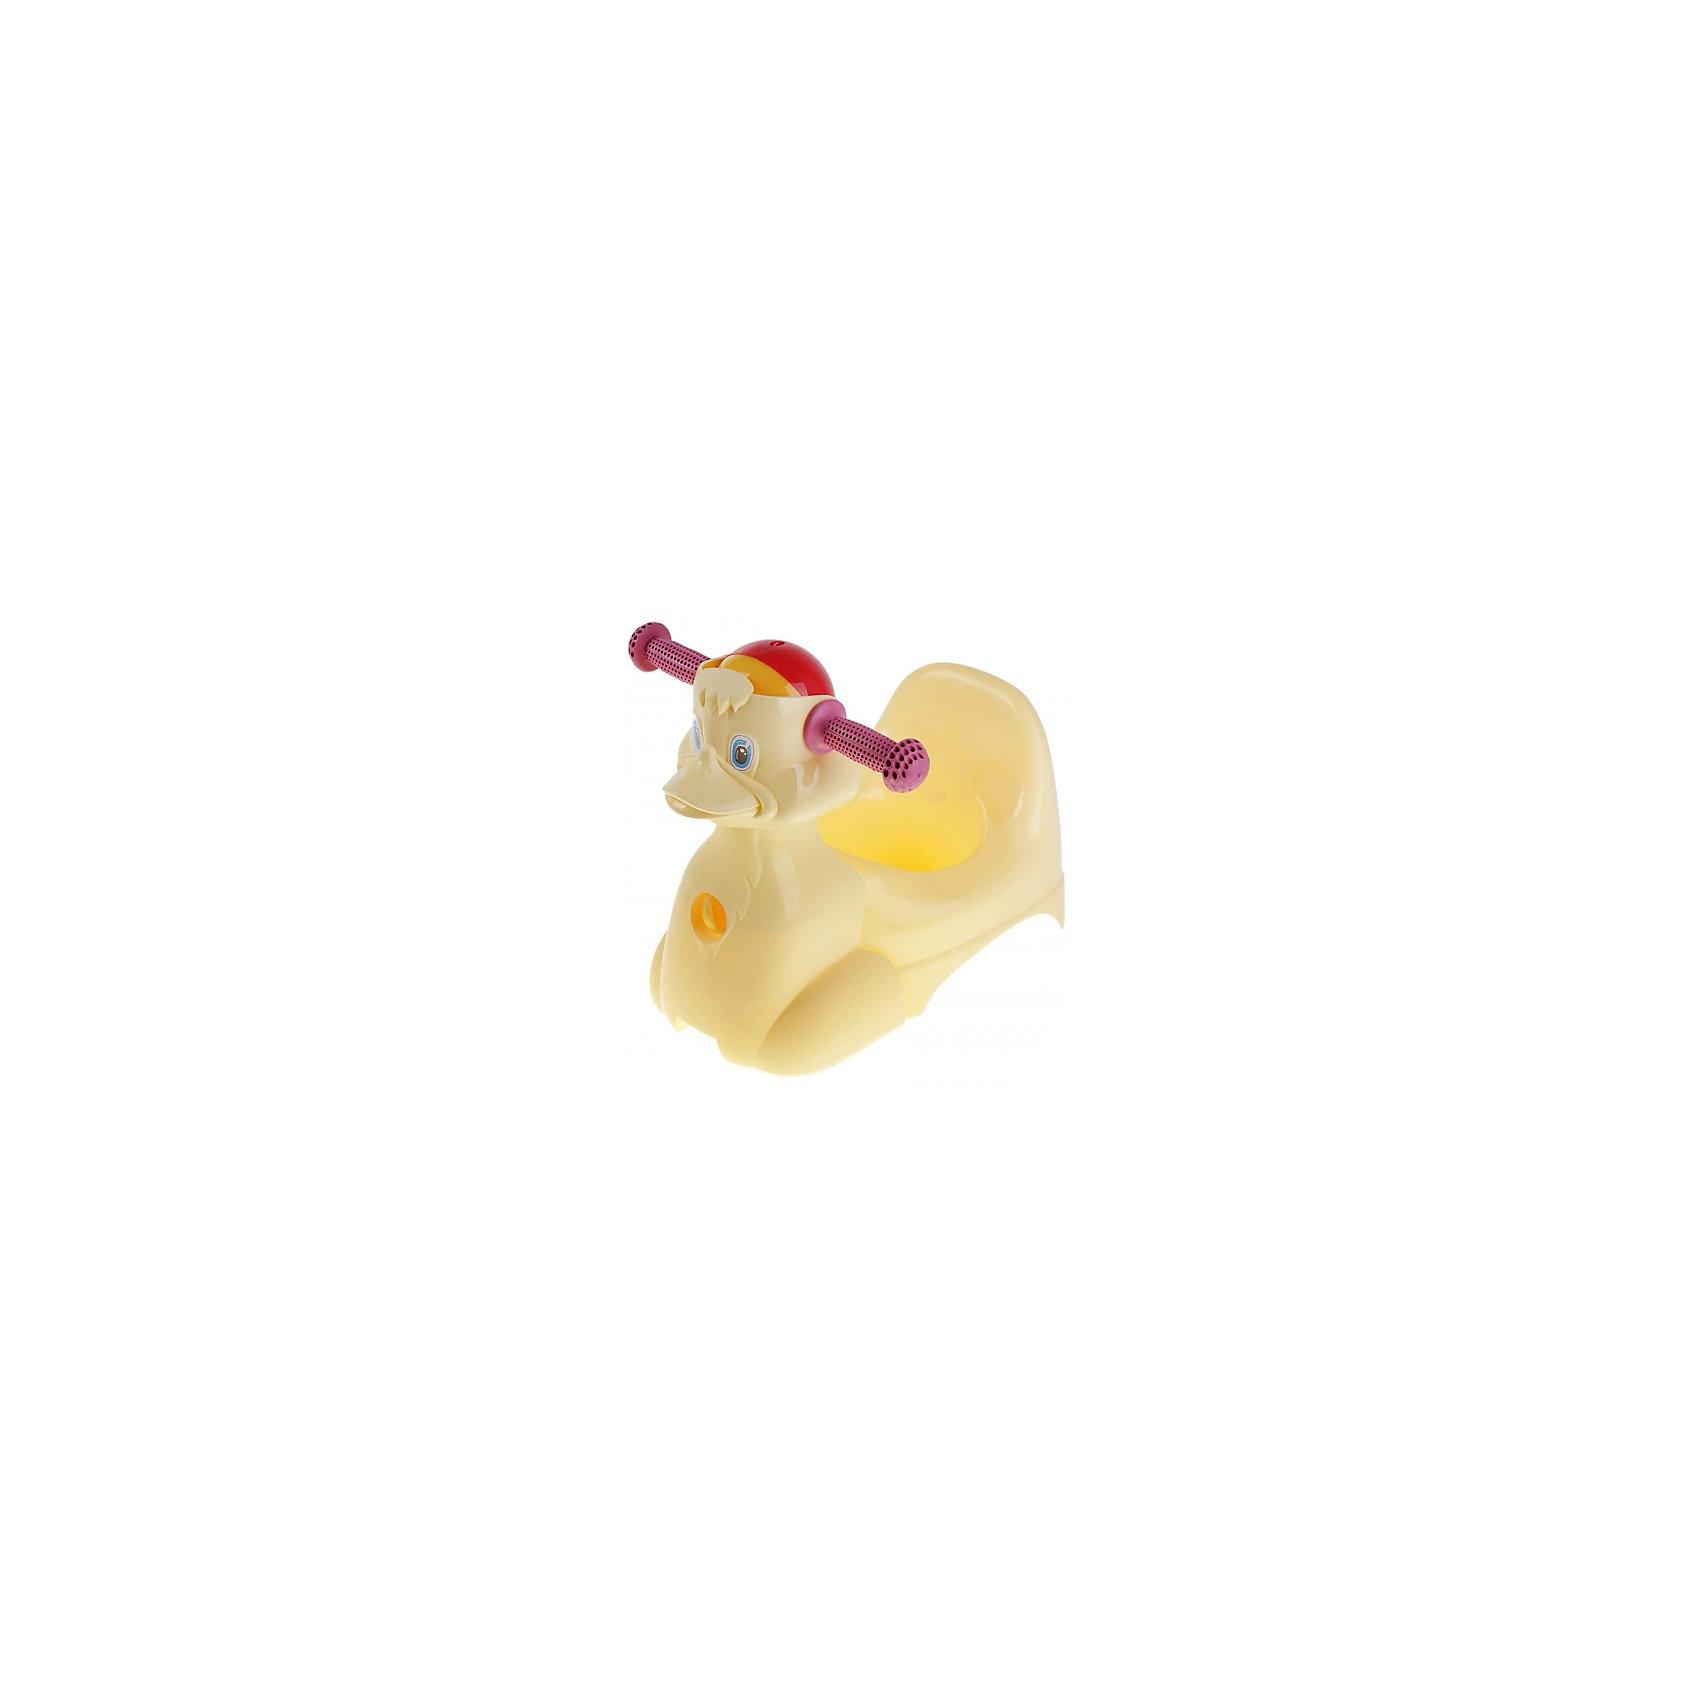 Горшок-игрушка Уточка, Little Angel, желтыйГоршок-игрушка Уточка, Little Angel, желтый изготовлен отечественным производителем  из высококачественного экологически безопасного и прочного пластика. Горшок состоит из двух частей: самого горшка и прикрепляющейся к его корпусу игрушки. Игрушка имеет форму уточки с двумя ручками и погремушкой посередине. Сам горшок имеет классическую анатомическую форму, поэтому подходит как для мальчиков, так и для девочек. Горшок отличается высокой устойчивостью, что защищает его от опрокидывания. Кроме того, он достаточно прост в уходе ? легко моется водой. Эксплуатировать горшок можно как с игрушкой, так и без нее.<br><br>Дополнительная информация:<br><br>- Предназначение: для дома<br>- Цвет: желтый<br>- Пол: для девочки/для мальчика<br>- Материал: пластик<br>- Размер (Д*Ш*В): 43,5*29*33 см<br>- Вес: 782 г<br>- Особенности ухода: разрешается мыть<br><br>Подробнее:<br><br>• Для детей в возрасте: от 0 лет и до 3 лет<br>• Страна производитель: Россия<br>• Торговый бренд: Little Angel<br><br>Горшок-игрушка Уточка, Little Angel, желтый можно купить в нашем интернет-магазине.<br><br>Ширина мм: 400<br>Глубина мм: 250<br>Высота мм: 300<br>Вес г: 1000<br>Возраст от месяцев: 6<br>Возраст до месяцев: 36<br>Пол: Унисекс<br>Возраст: Детский<br>SKU: 4778473